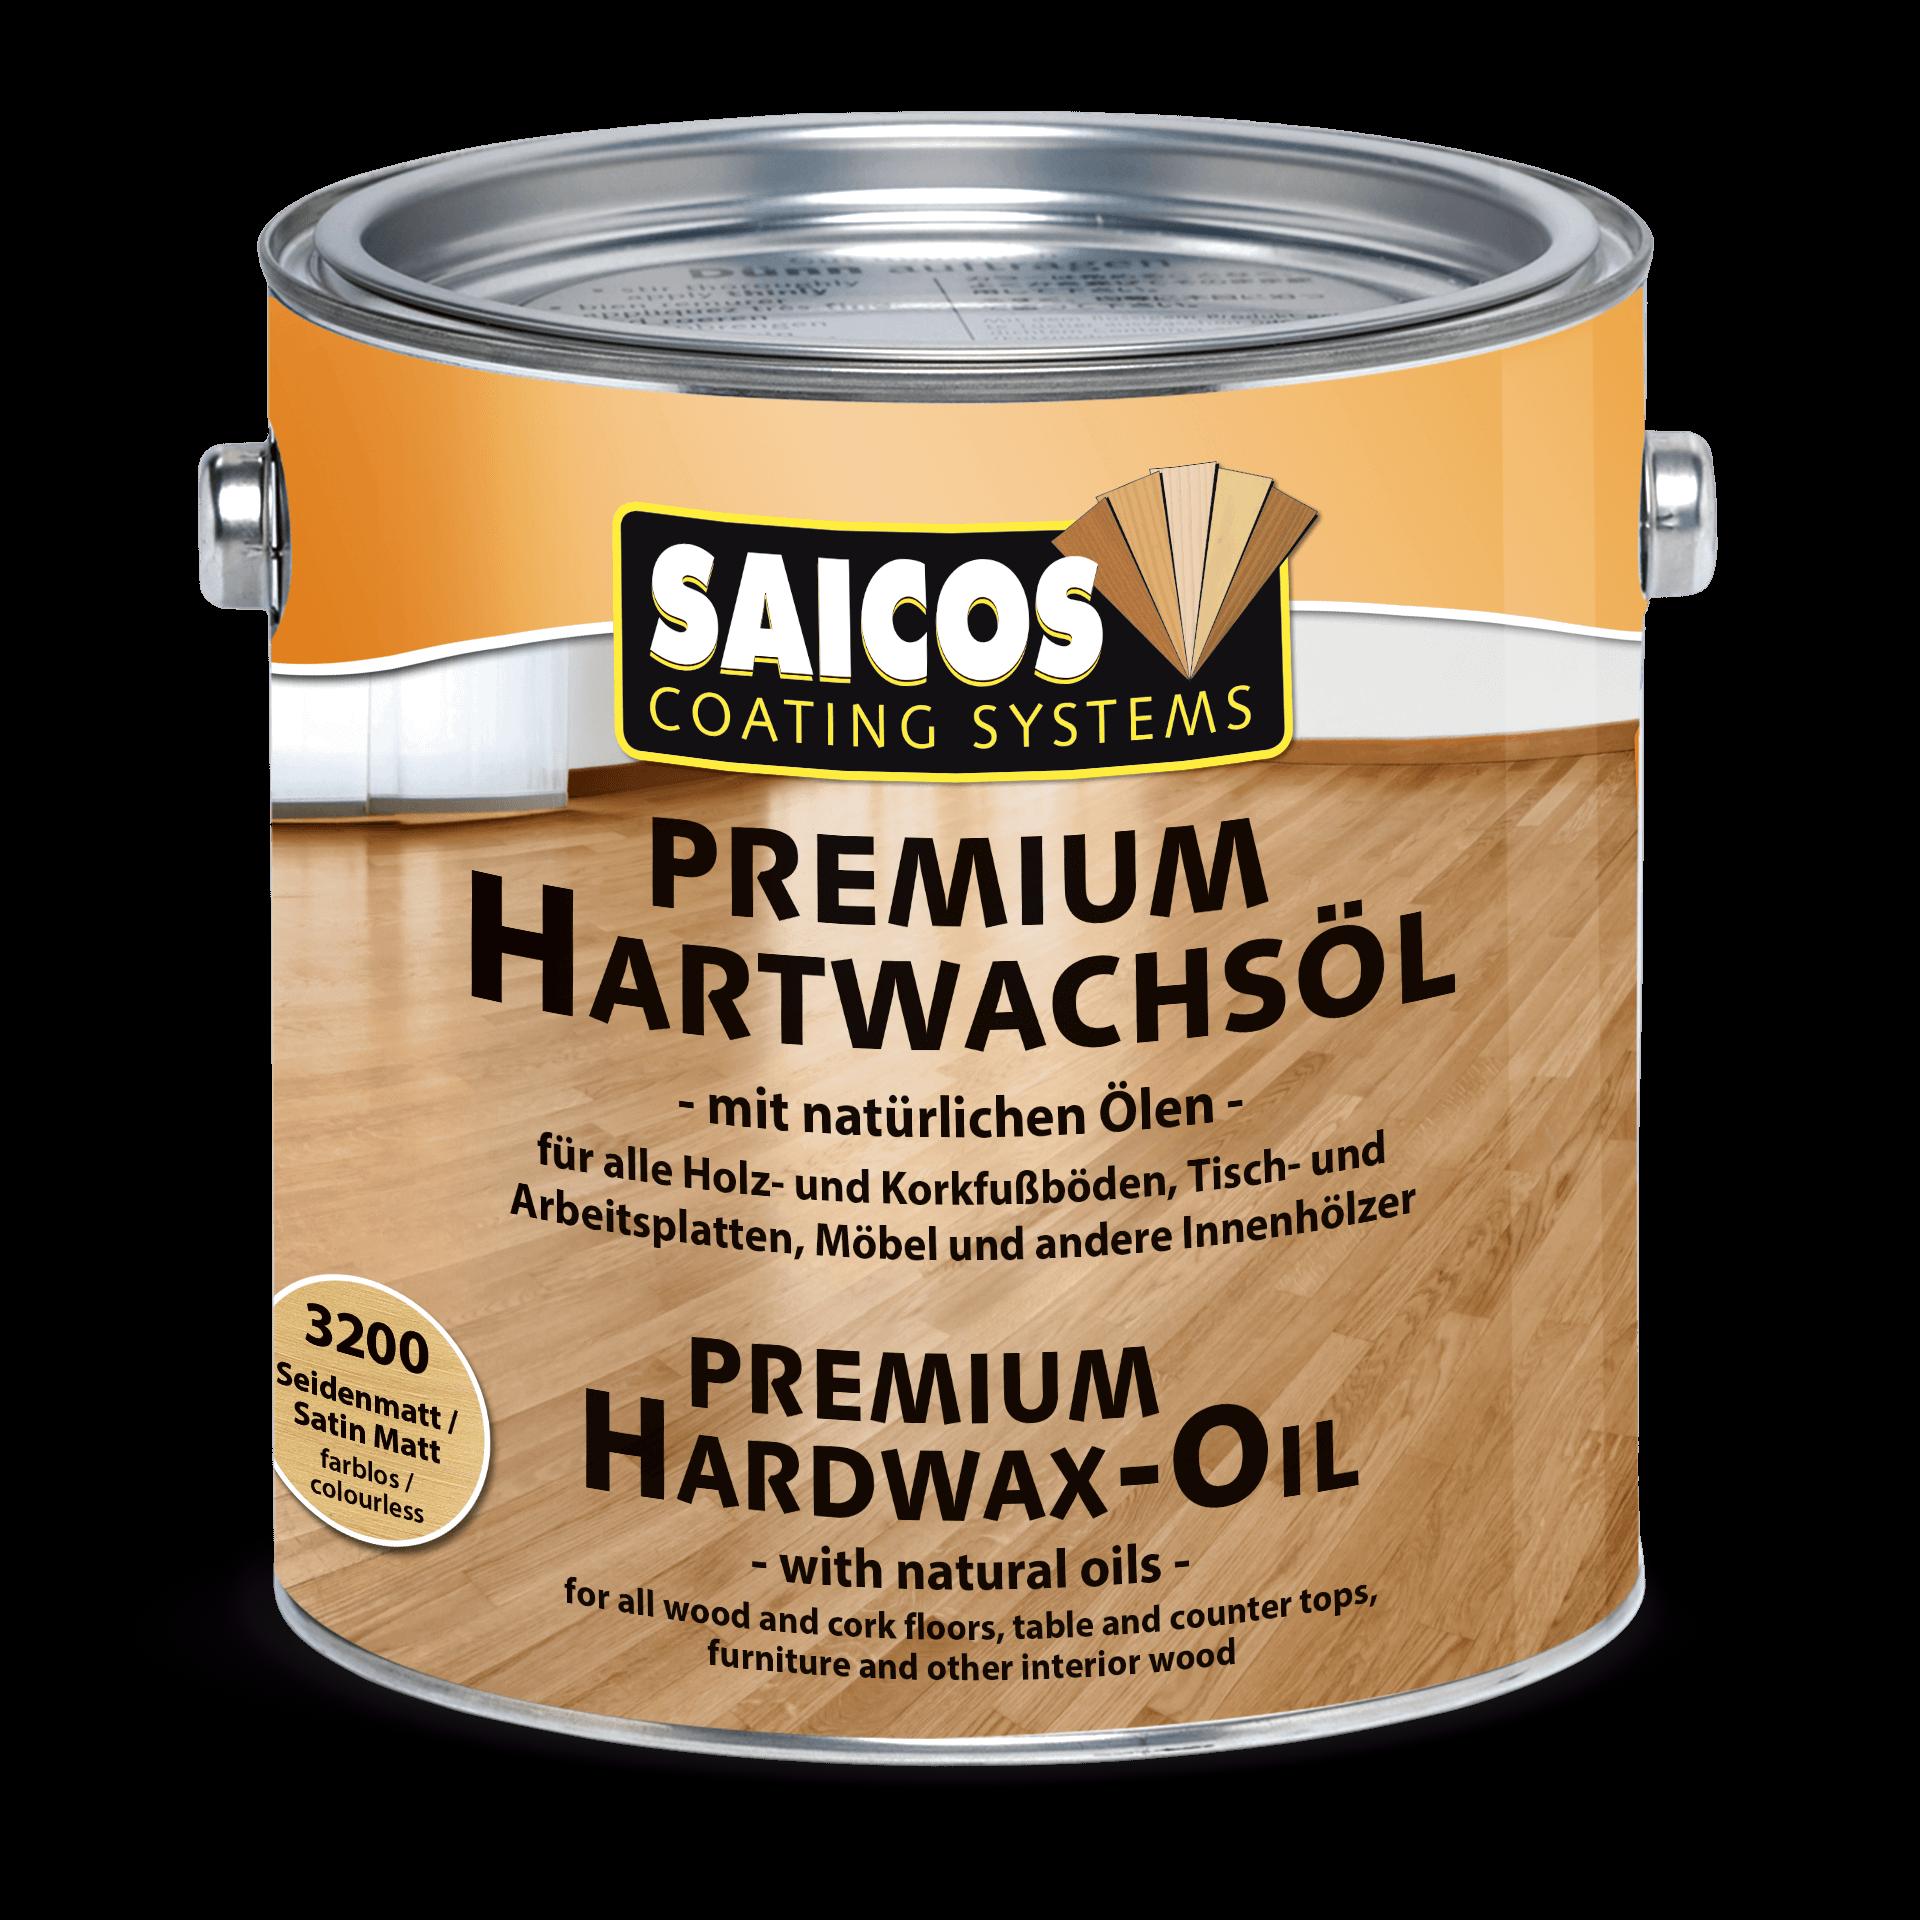 Saicos Premium Hartwachsöl Premium Hardwax-Oil englisch